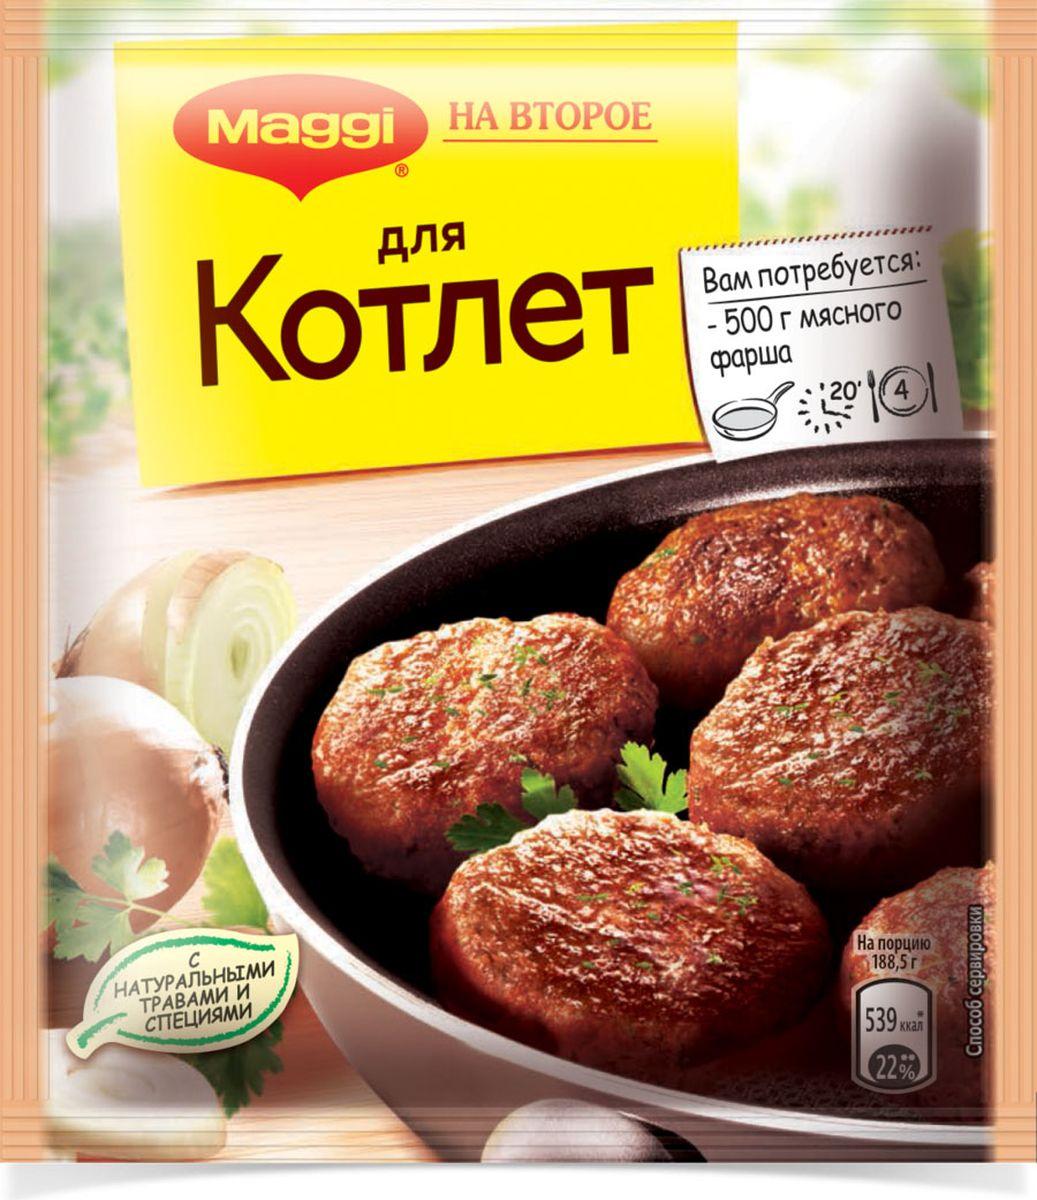 Maggi На второе для котлет, 54 г11626988Нежные, сочные, ароматные котлеты - любимое блюдо из детства. У всех, конечно же, есть свой проверенный семейный рецепт. Но Maggi знает, что каждая хозяйка любит эксперименты, и приправа Maggi На второе для котлет поможет по-новому взглянуть на привычное блюдо! А теперь приправа Maggi На второе для котлет стала еще вкуснее благодаря уникальному сочетанию натуральных трав и специй и, конечно, многолетней экспертизе Maggi. Рекомендуем брать смешанный фарш, средней жирности. В состав продукта входят натуральные овощи, травы и специи. Без добавления глутамата и консервантов. Продукт может содержать незначительное количество молока, сельдерея. Уважаемые клиенты! Обращаем ваше внимание на то, что упаковка может иметь несколько видов дизайна. Поставка осуществляется в зависимости от наличия на складе.